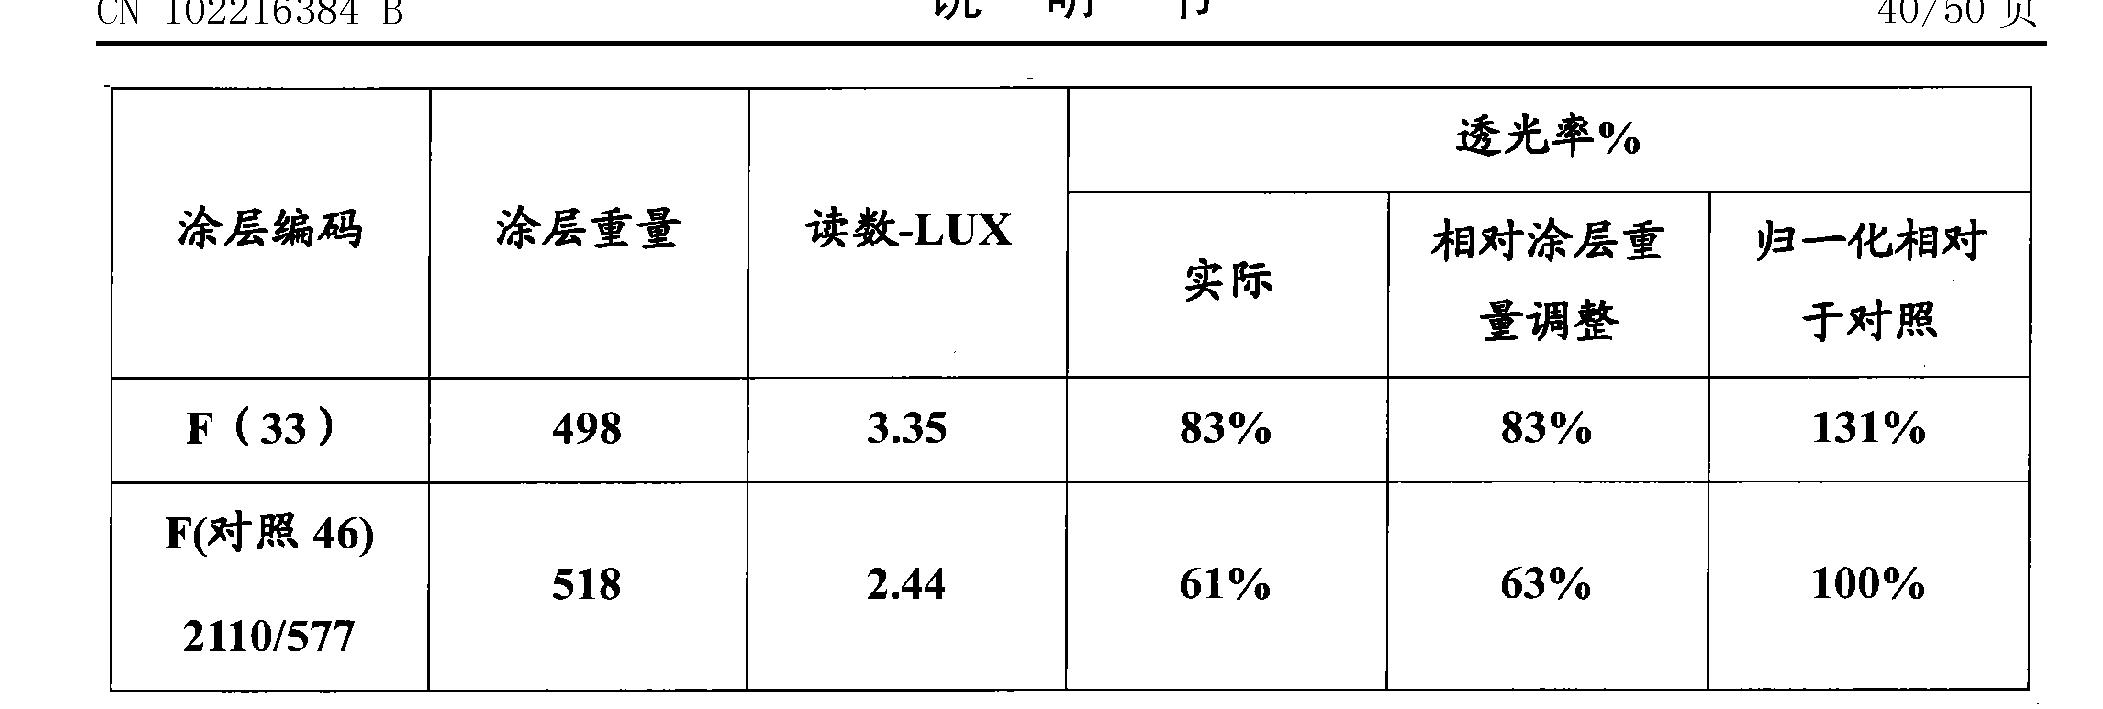 Figure CN102216384BD00441